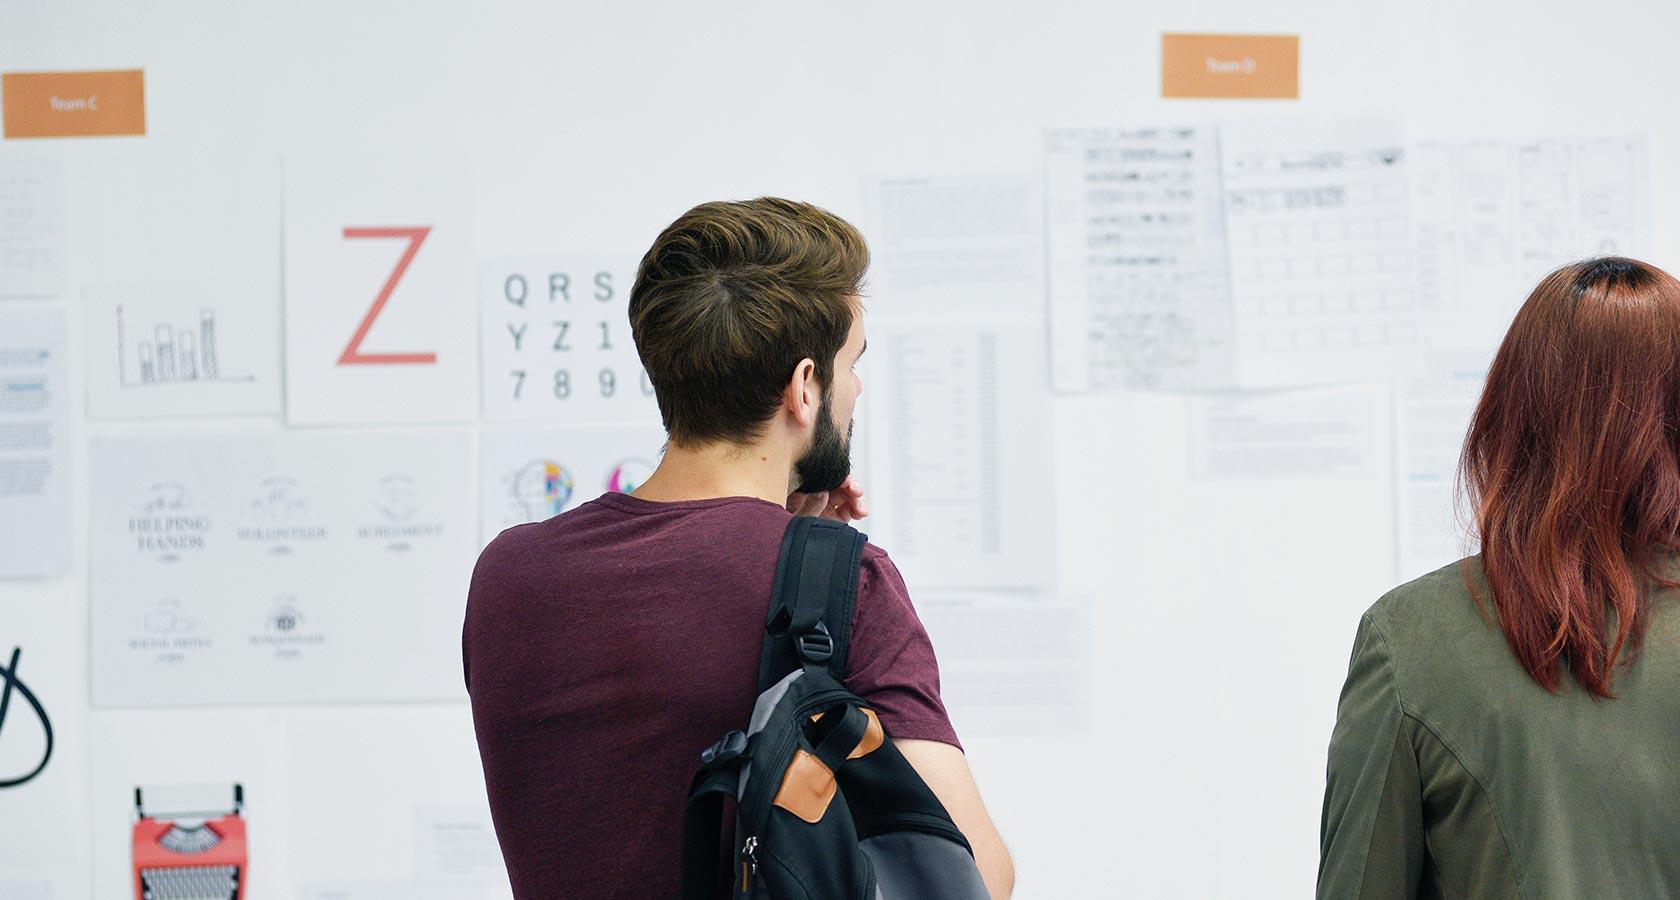 Los diseñadores colaboran en equipo en el tablero de ideas